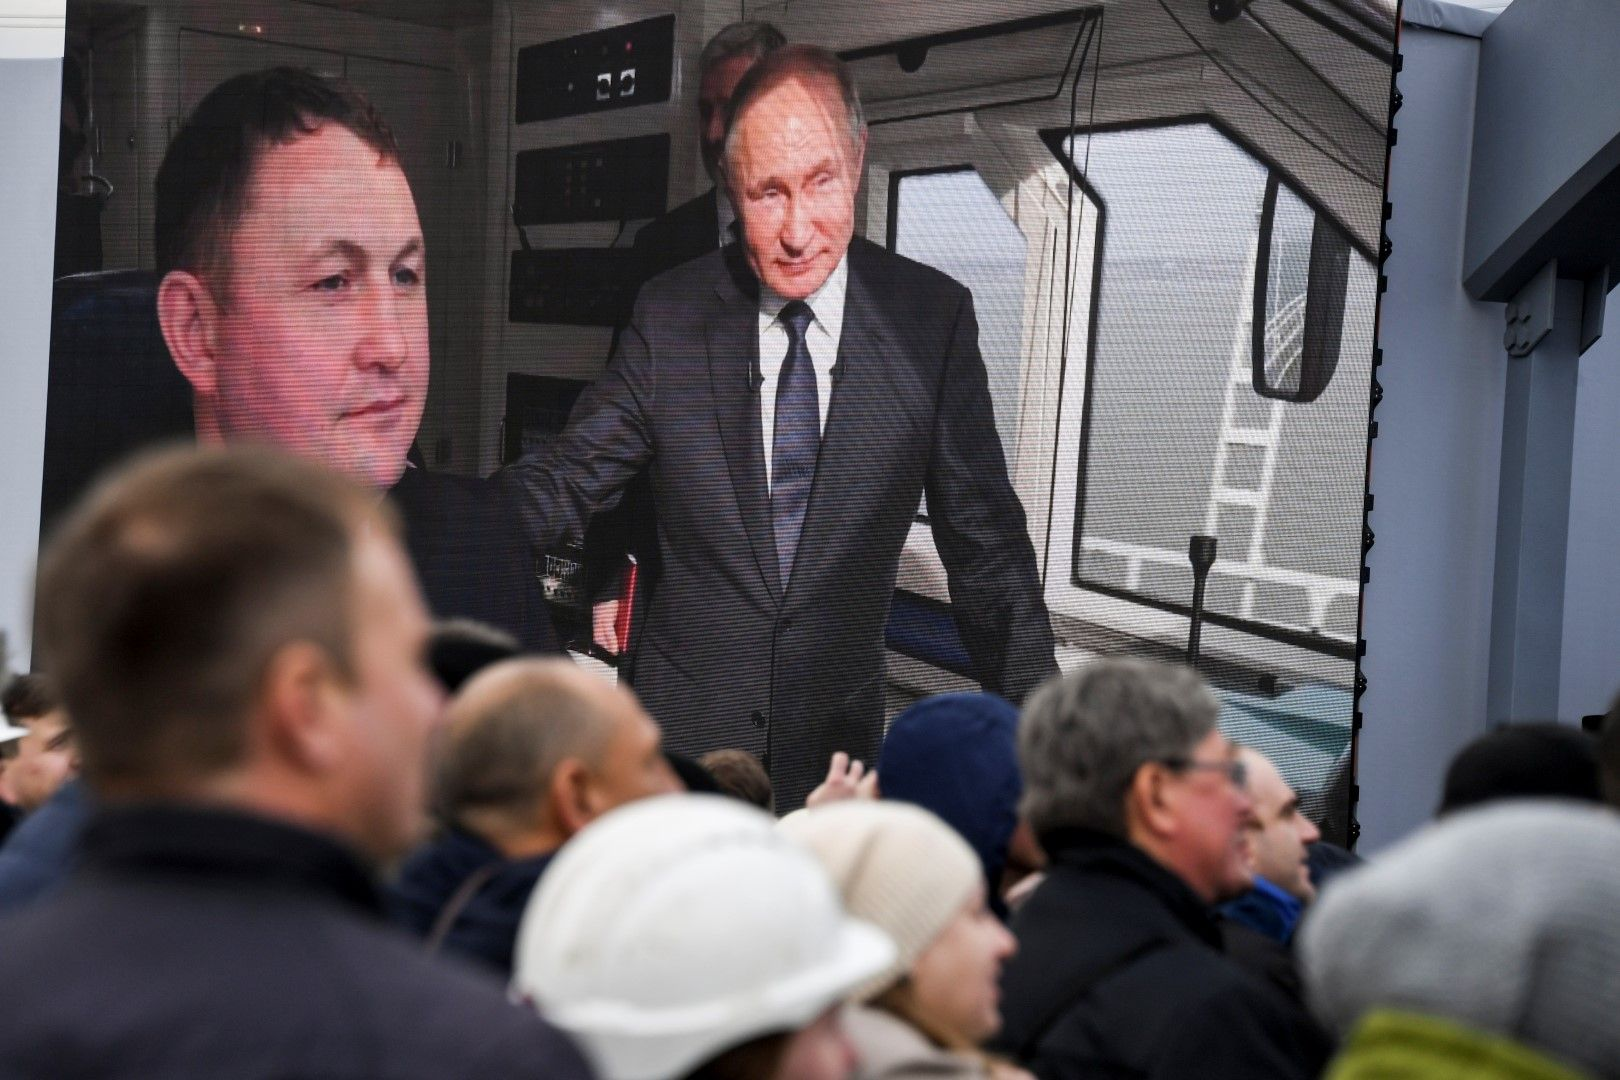 Снимка от ТВ екран на Владимир путин в първия влак по Кримския мост